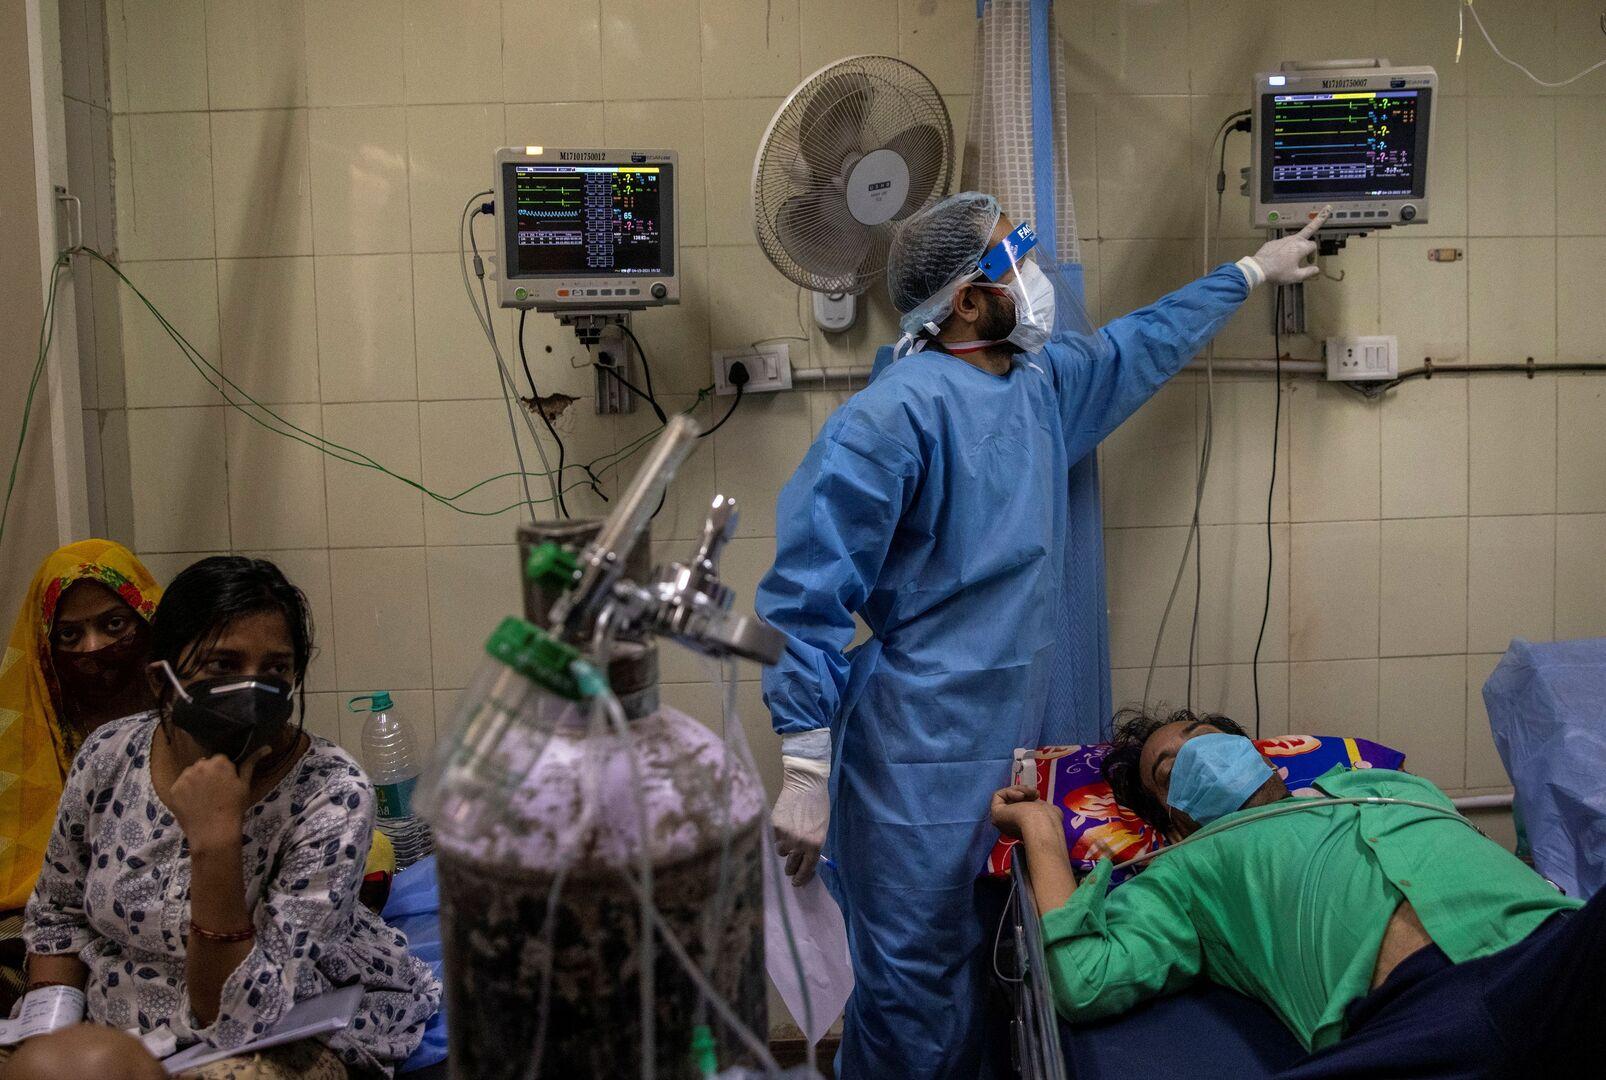 الهند.. دلهي تفرض قيودا جديدة وسط ارتفاع حالات الإصابة بكورونا